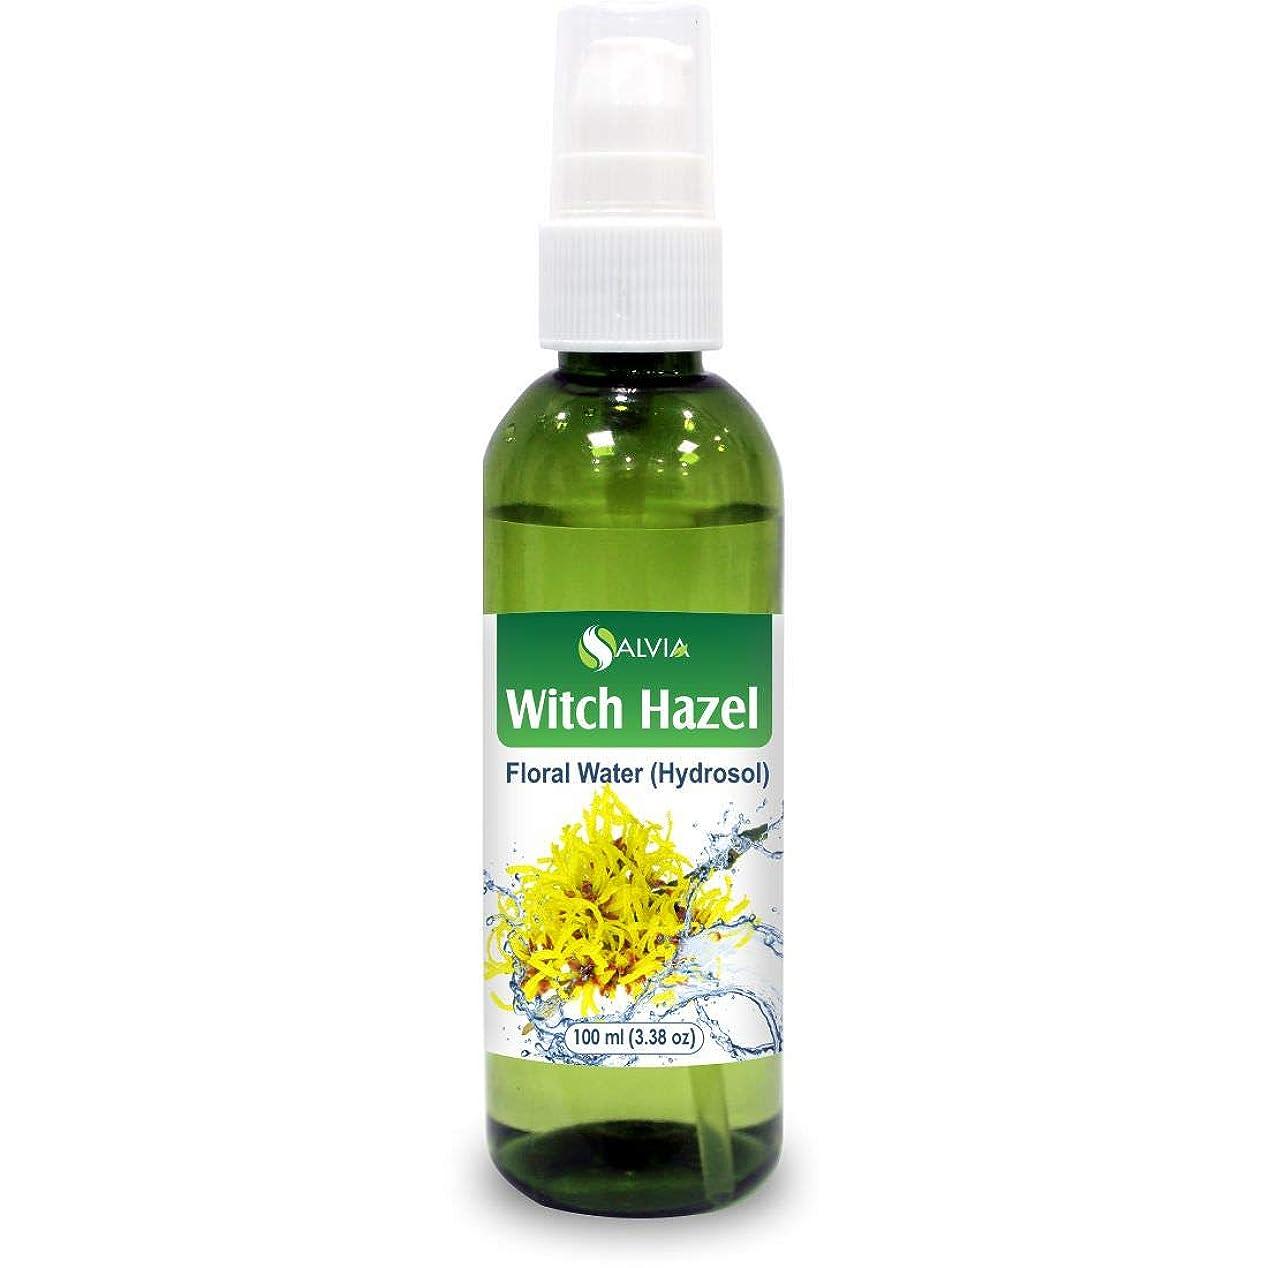 立場うなる申請中Witch Hazel Floral Water 100ml (Hydrosol) 100% Pure And Natural